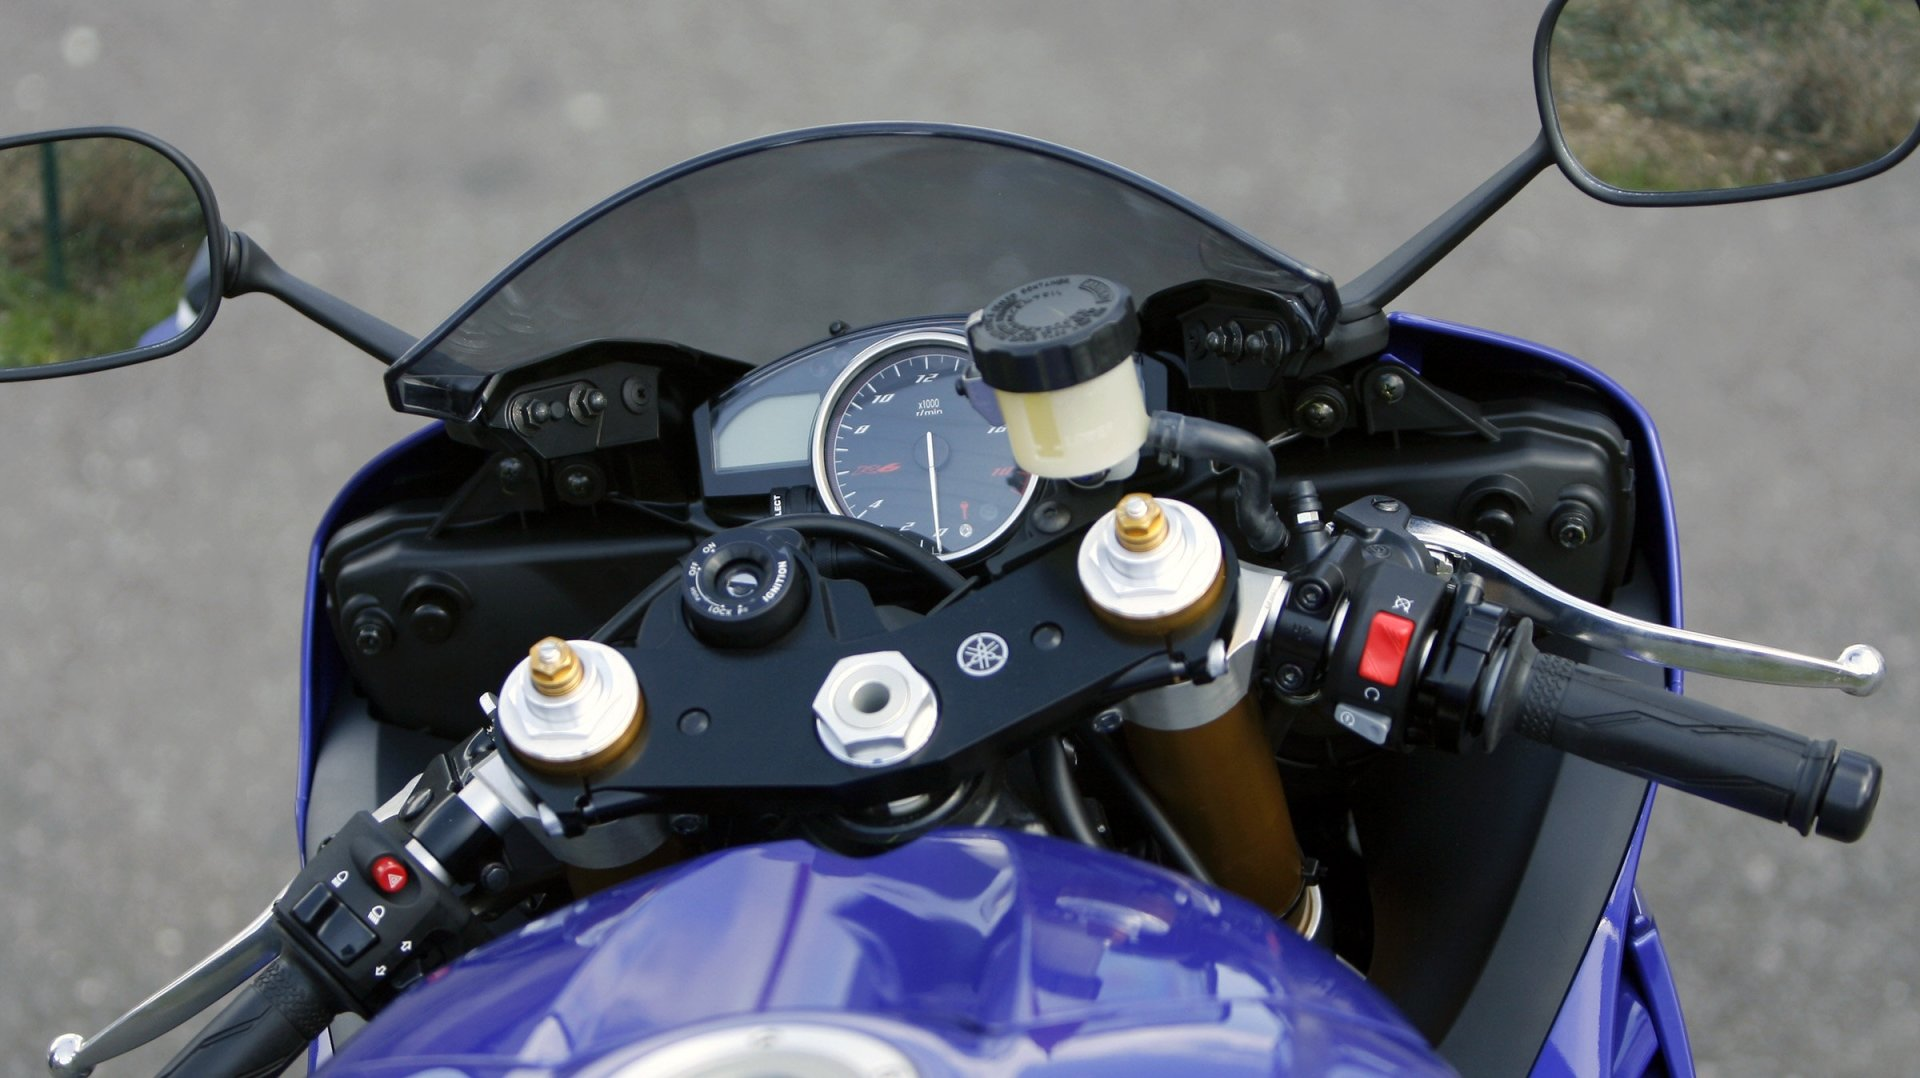 Après un choc contre une voiture, deux motards ont été propulsés sur le conducteur d'un autre deux-roues (image d'illustration).